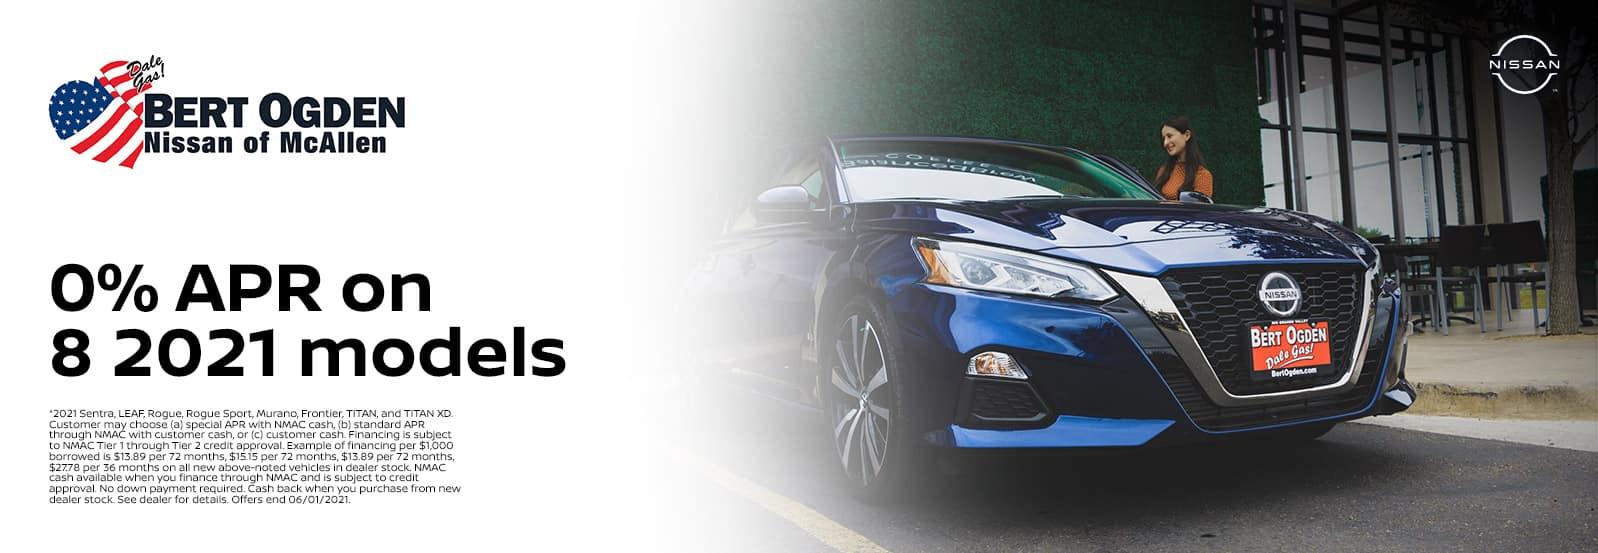 Get 0% APR For Select 2021 Models | Bert Ogden Nissan | McAllen, TX